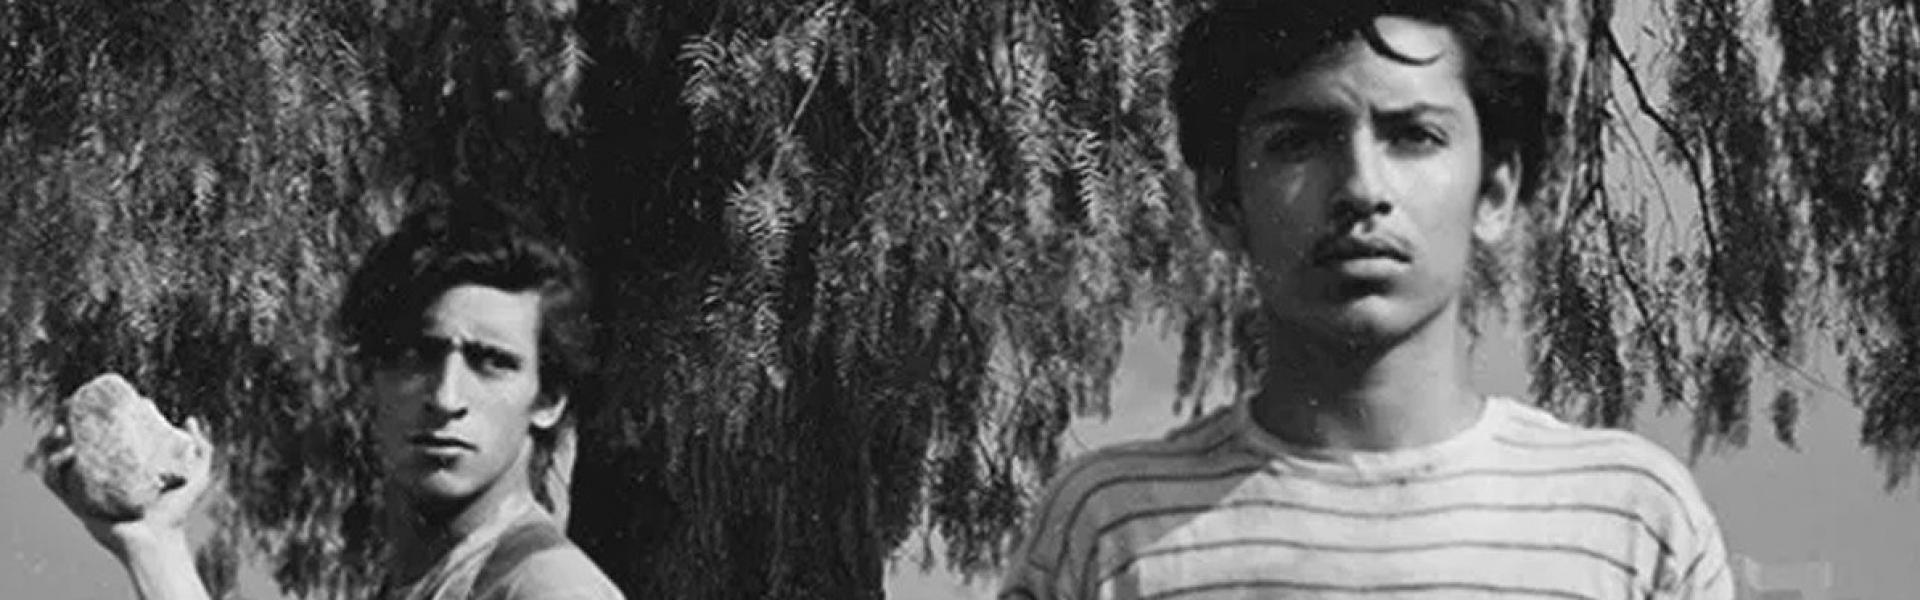 Los Olvidados_Luis Buñuel